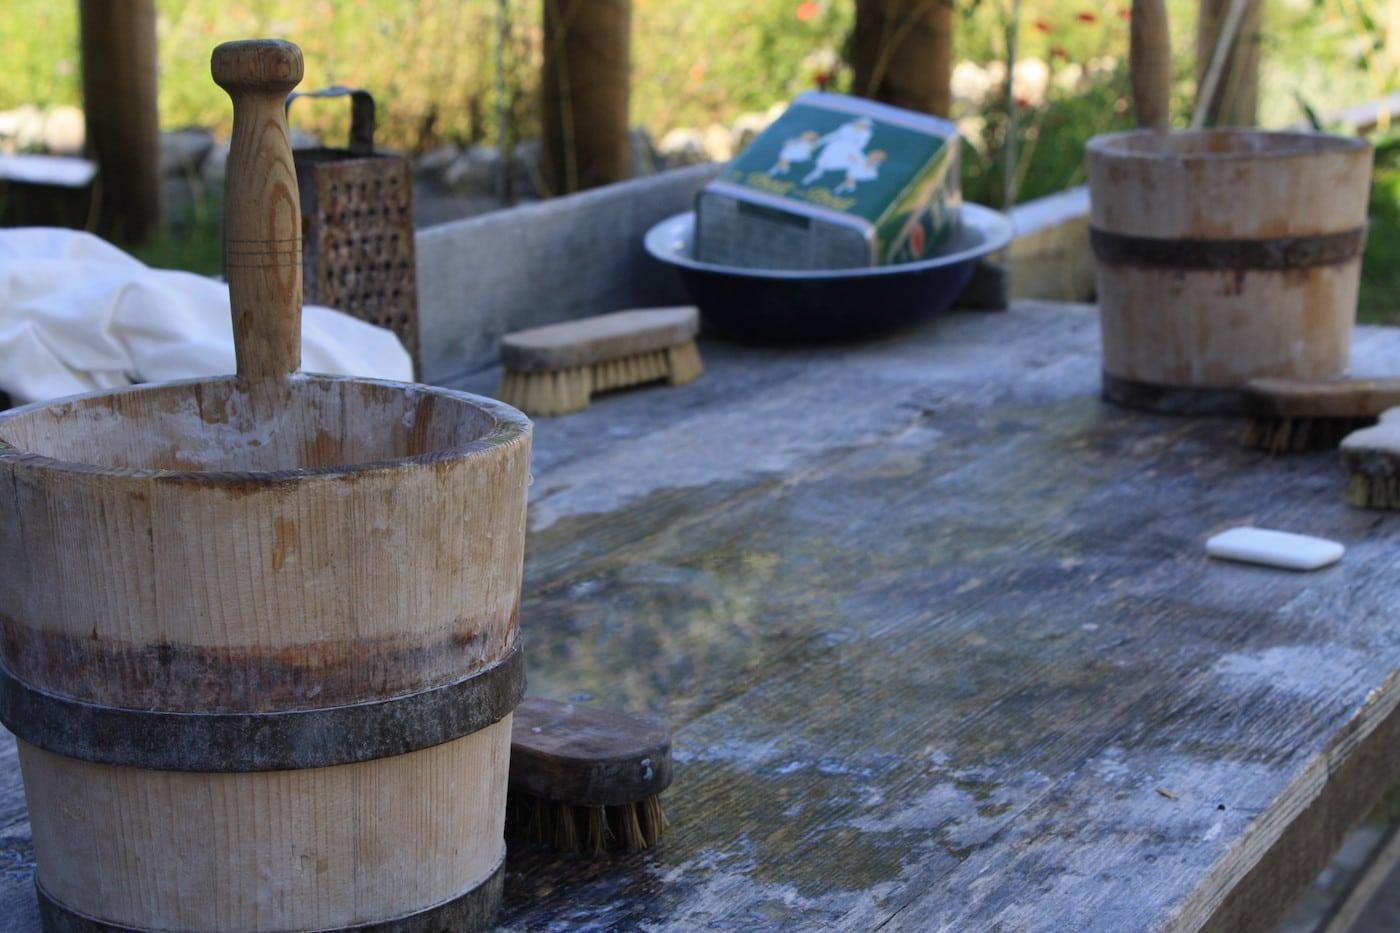 Wochenende: Kinder erleben einen historischen Waschtag im Bauernhausmuseum Allgäu-Oberschwaben Wolfegg // HIMBEER